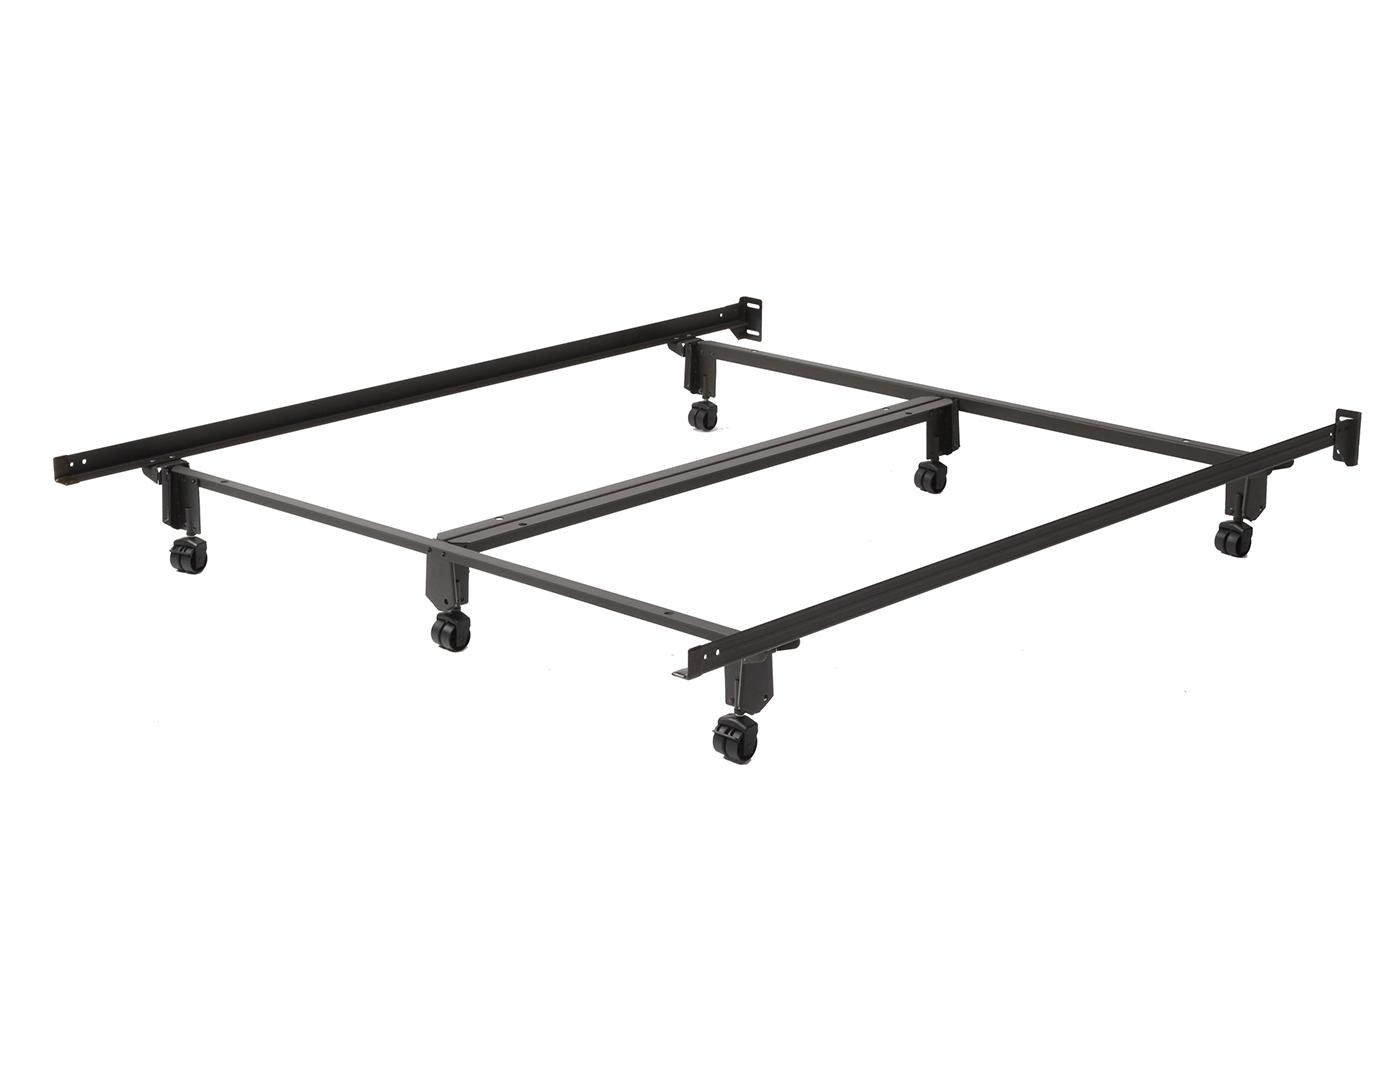 Craftlock Premium Full Bed Frame